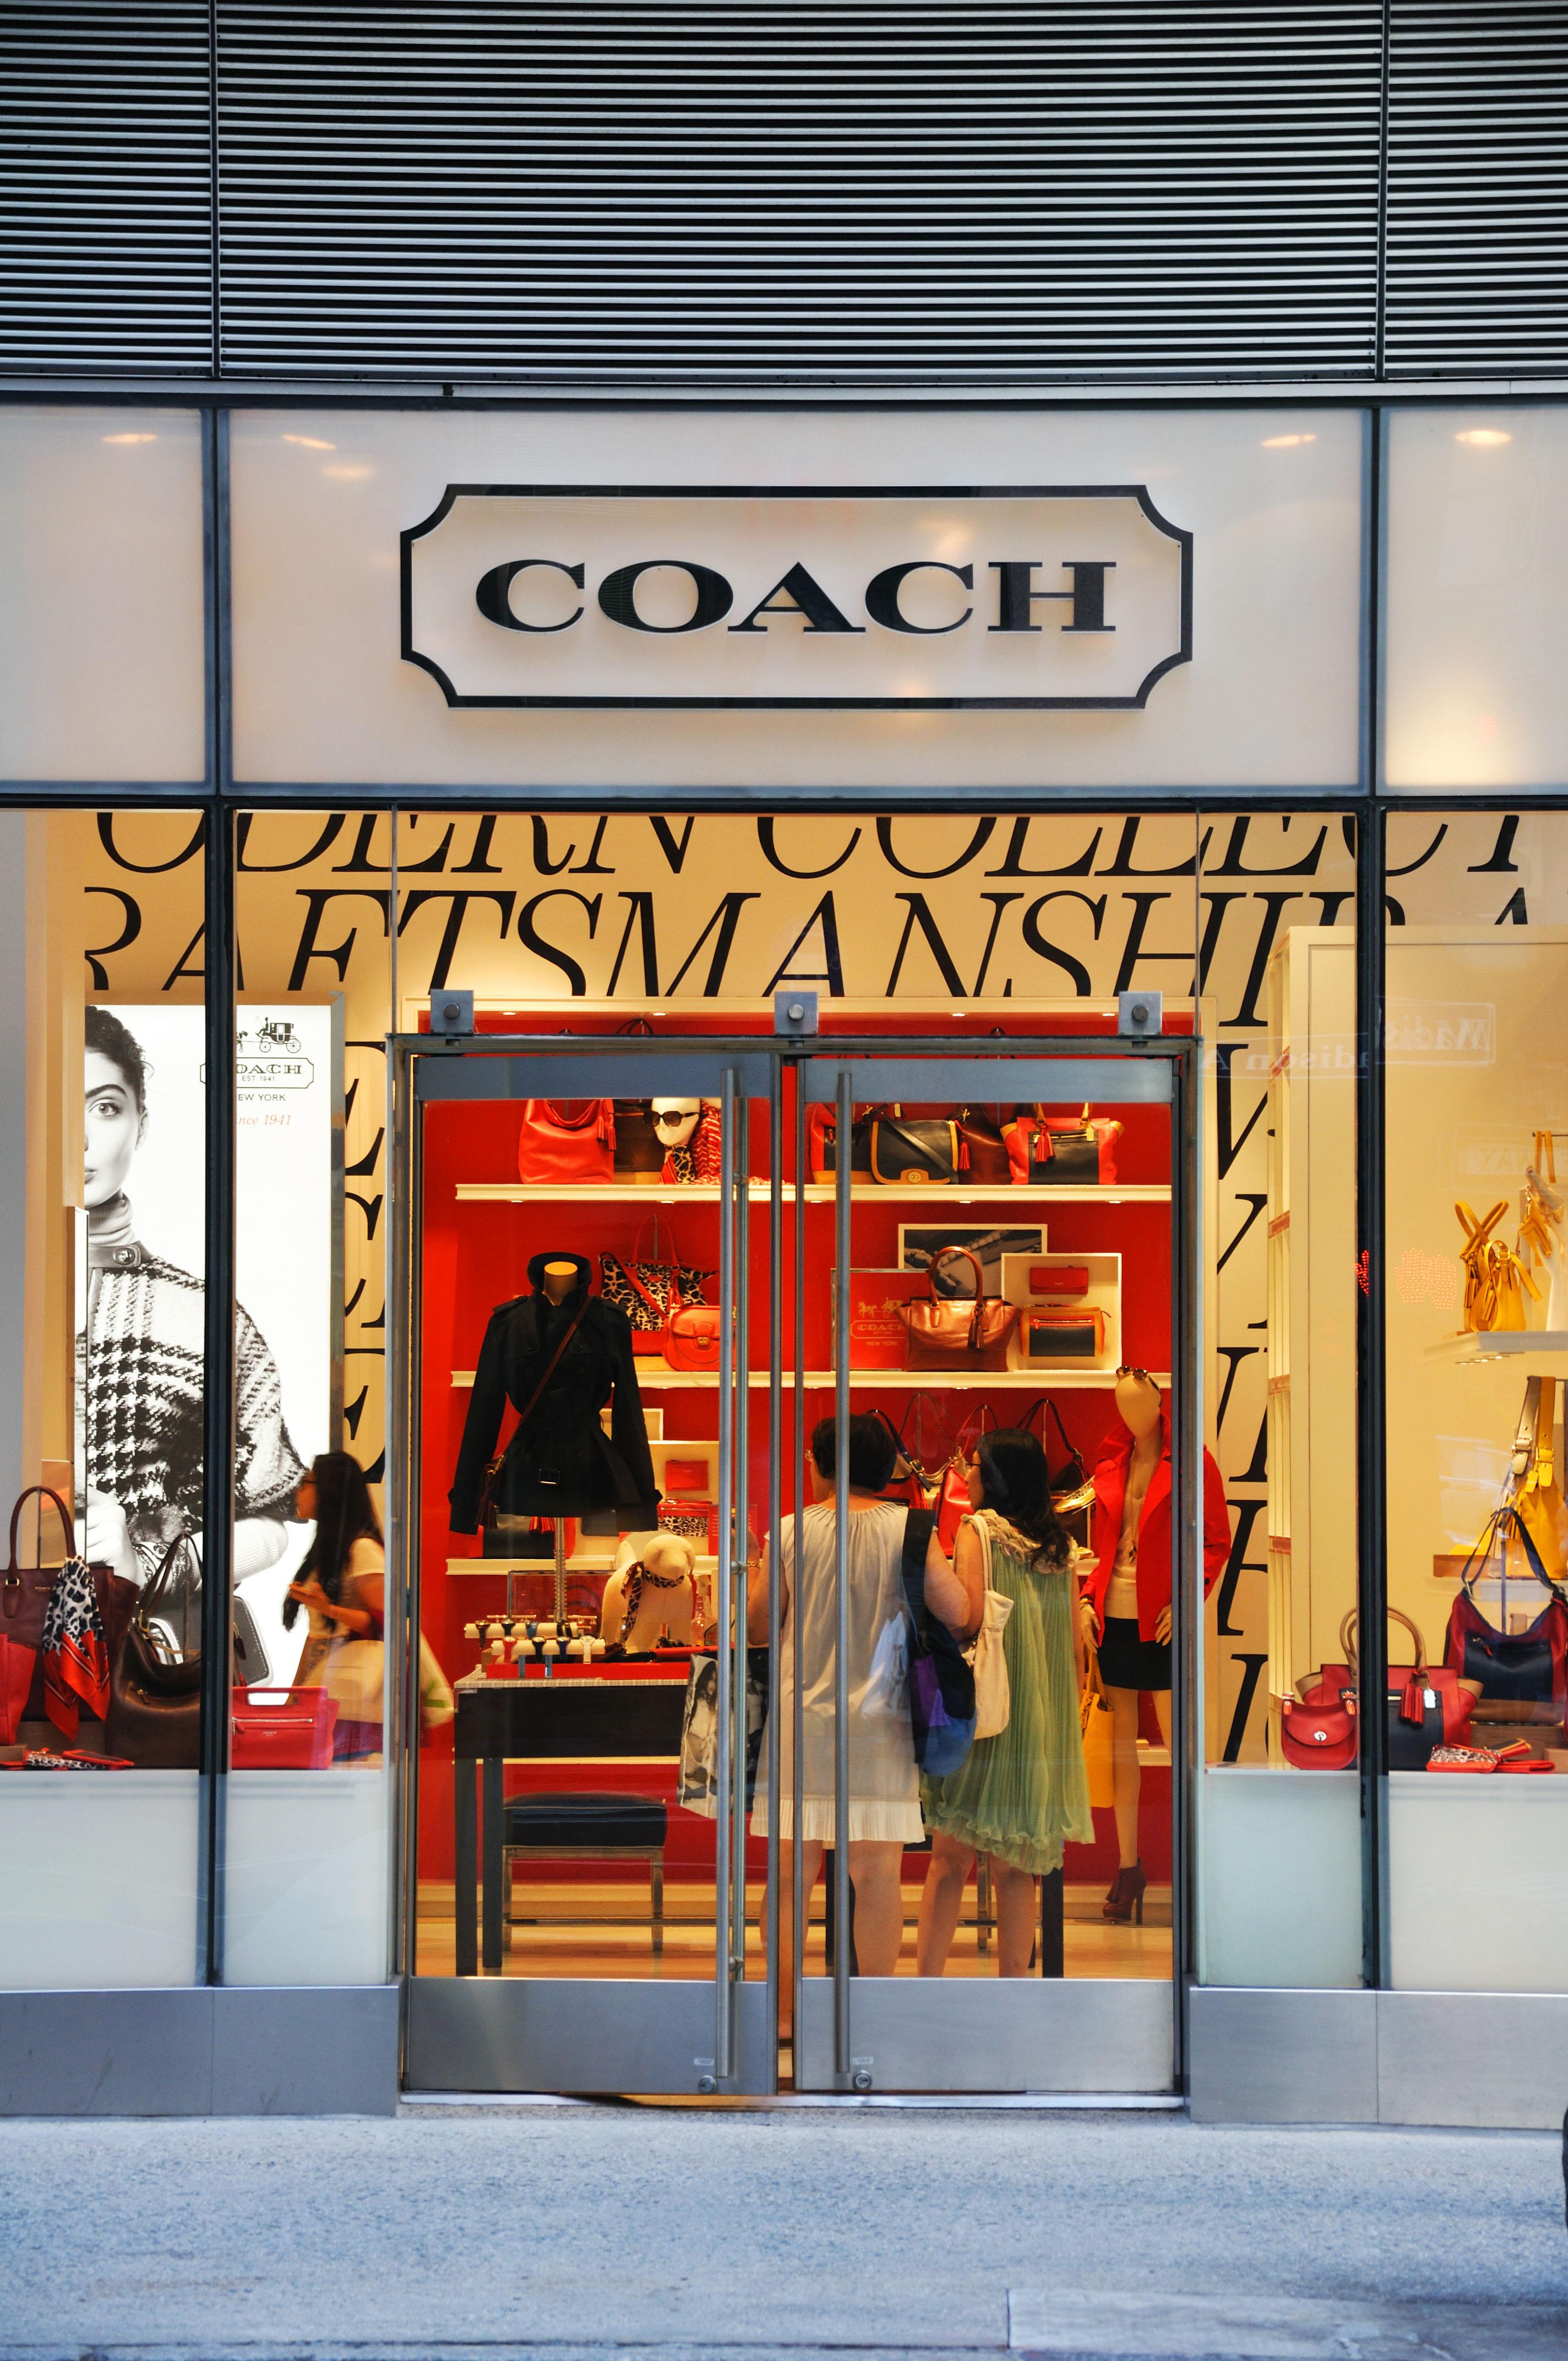 Coach designer handbag store, New York, USA.